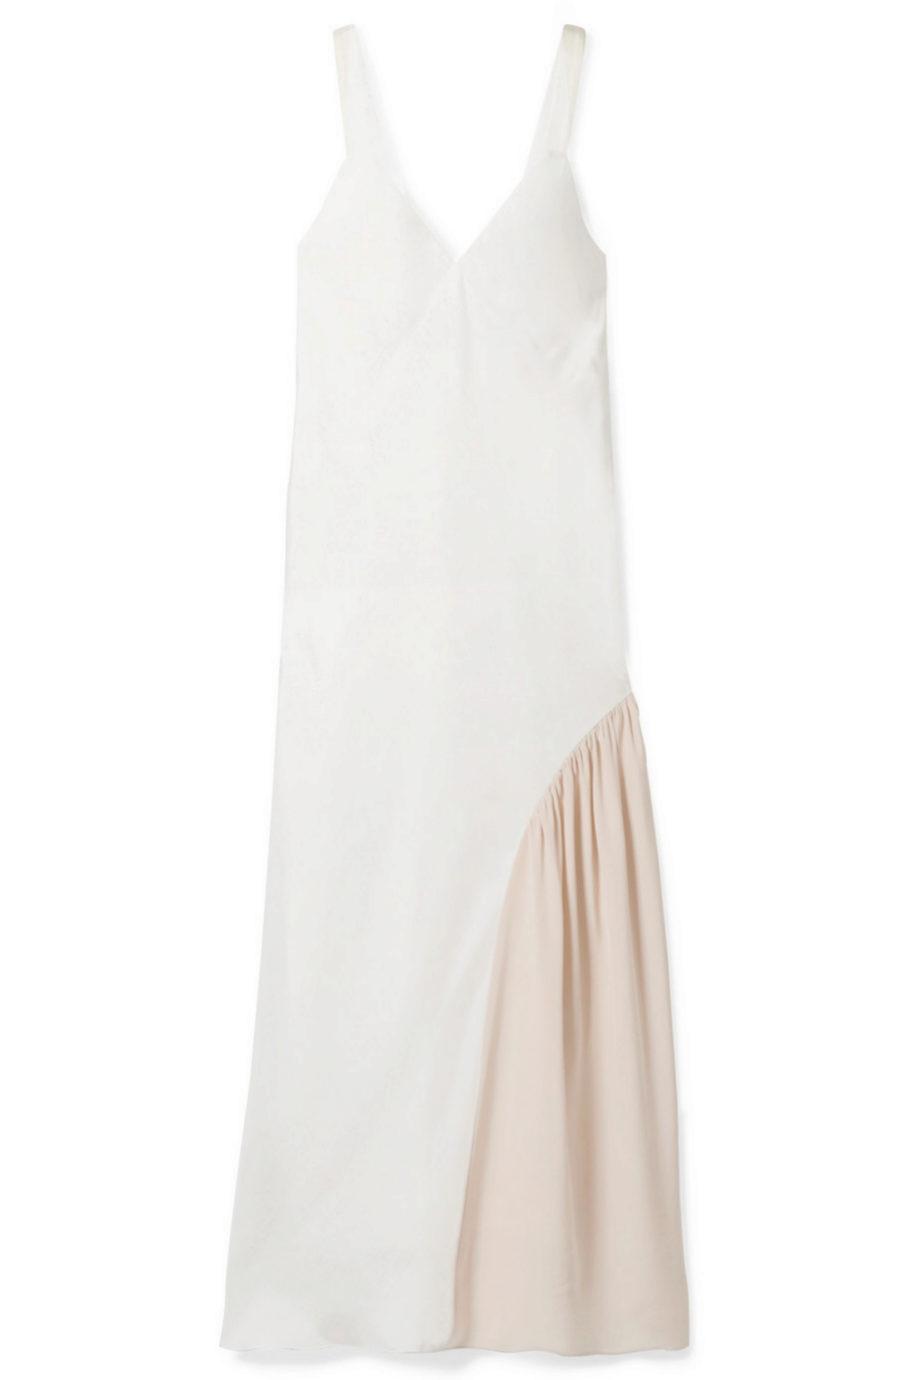 Vestido midi liso con detalles de seda de Tibi